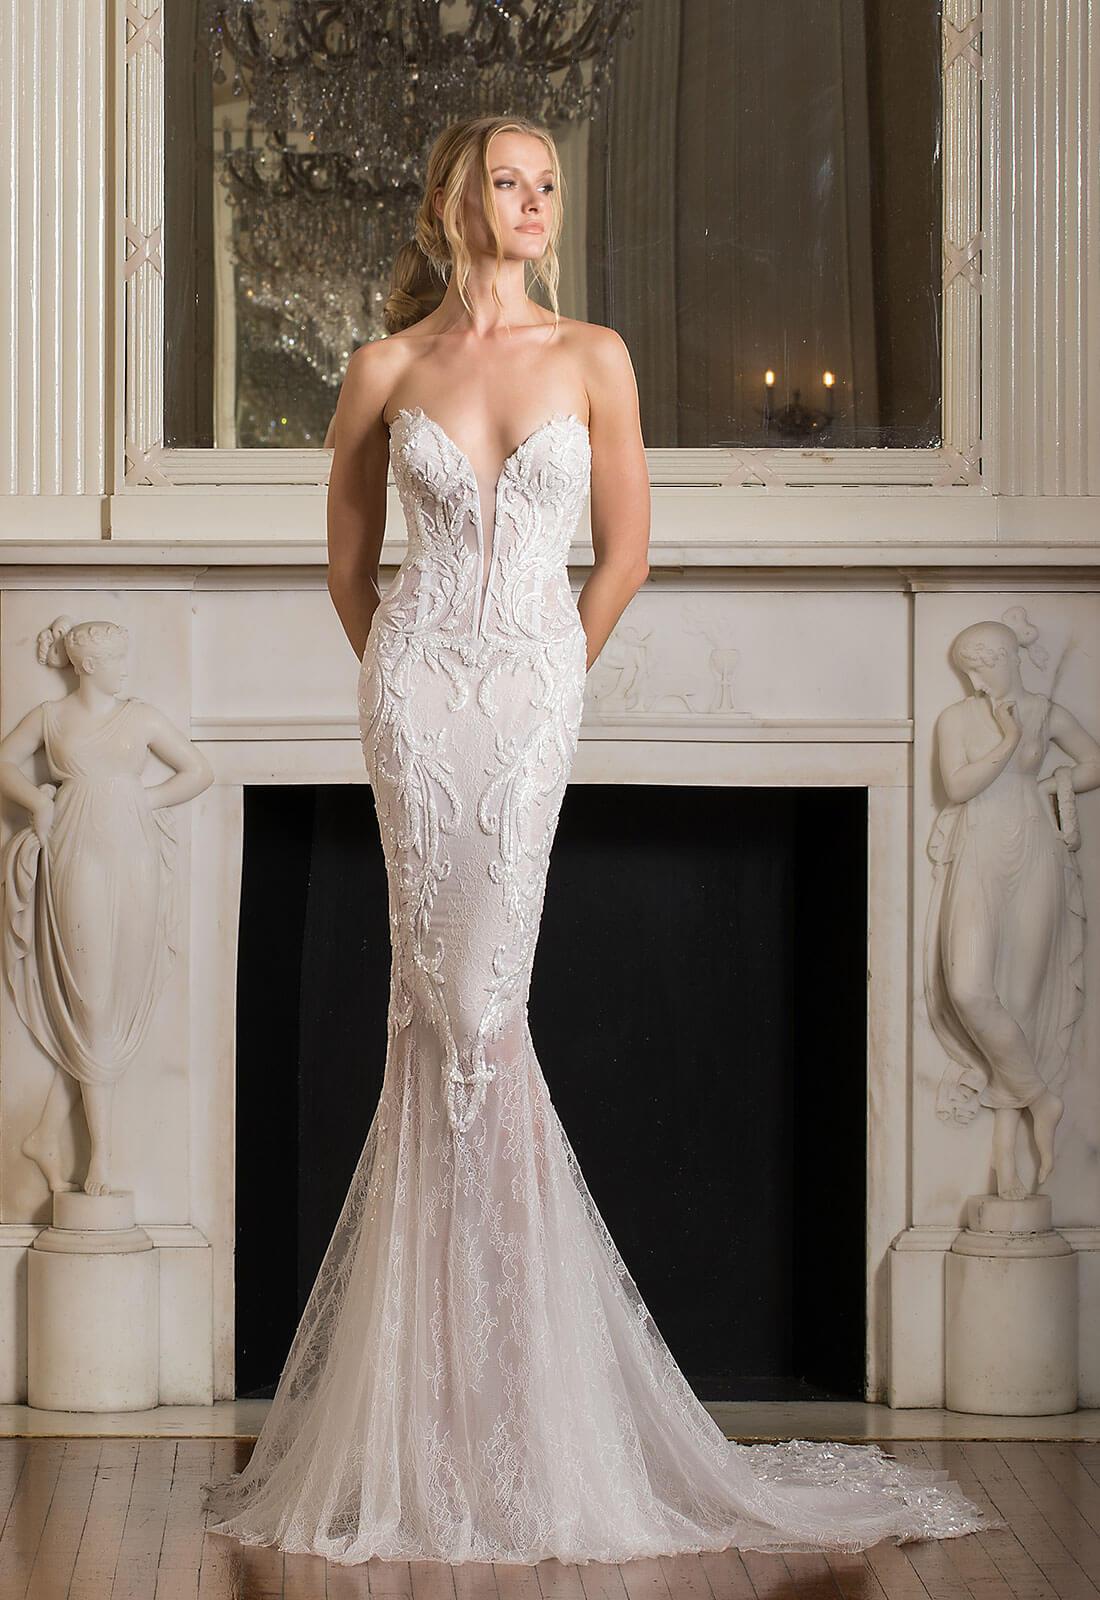 Destination Weddings - Wedding Dresses by Body Shape